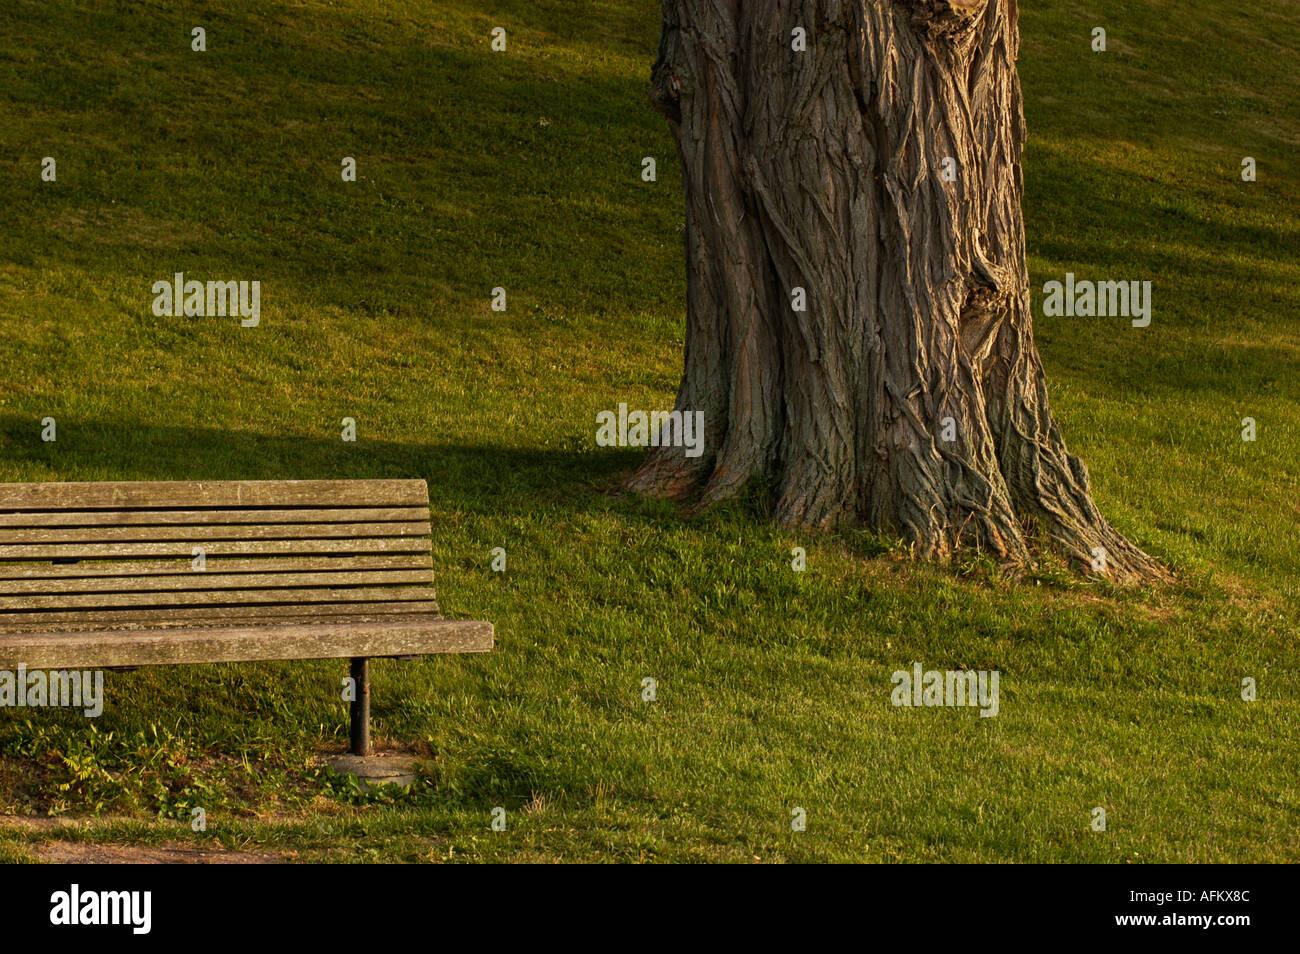 Perk Bench Stock Photos & Perk Bench Stock Images - Alamy